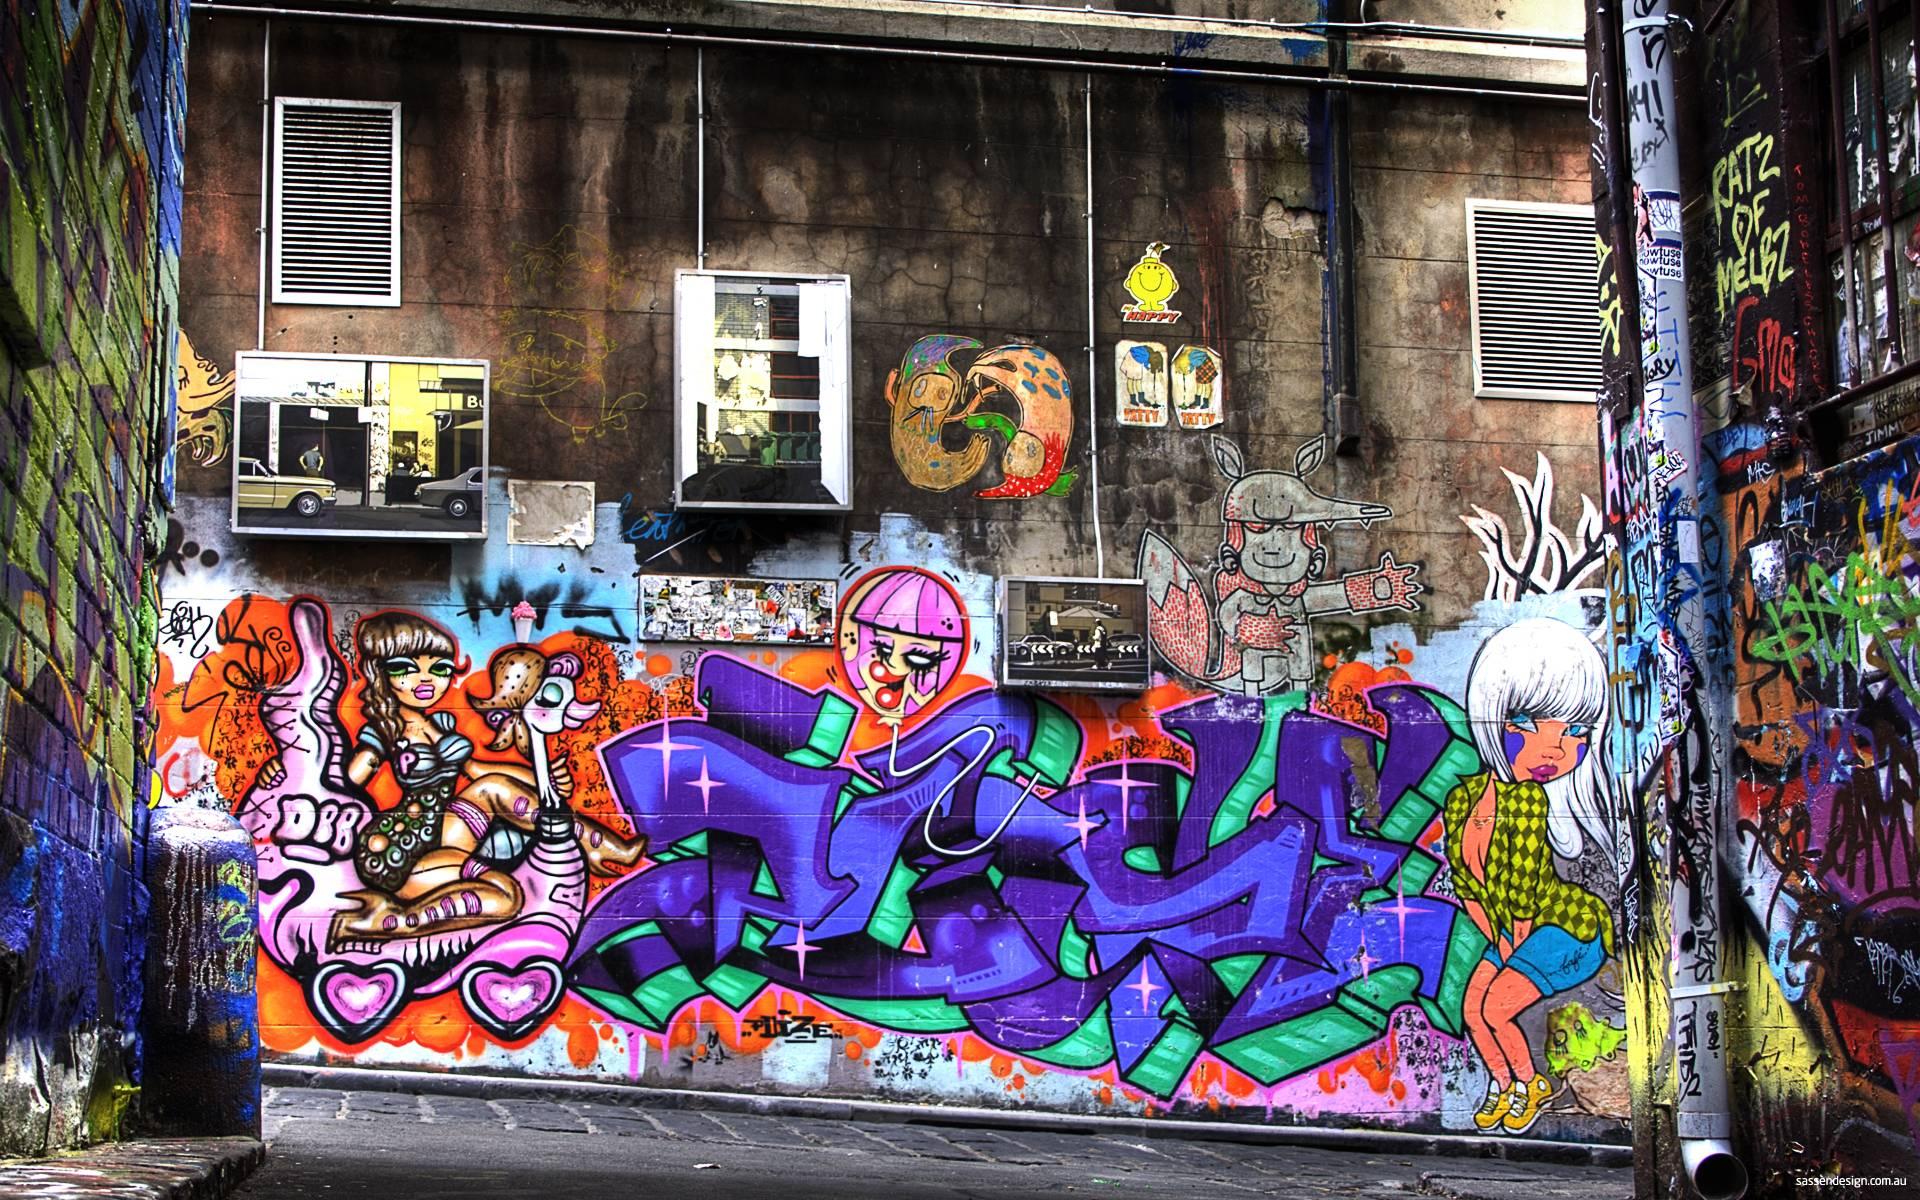 graffiti wallpaper designs - photo #37